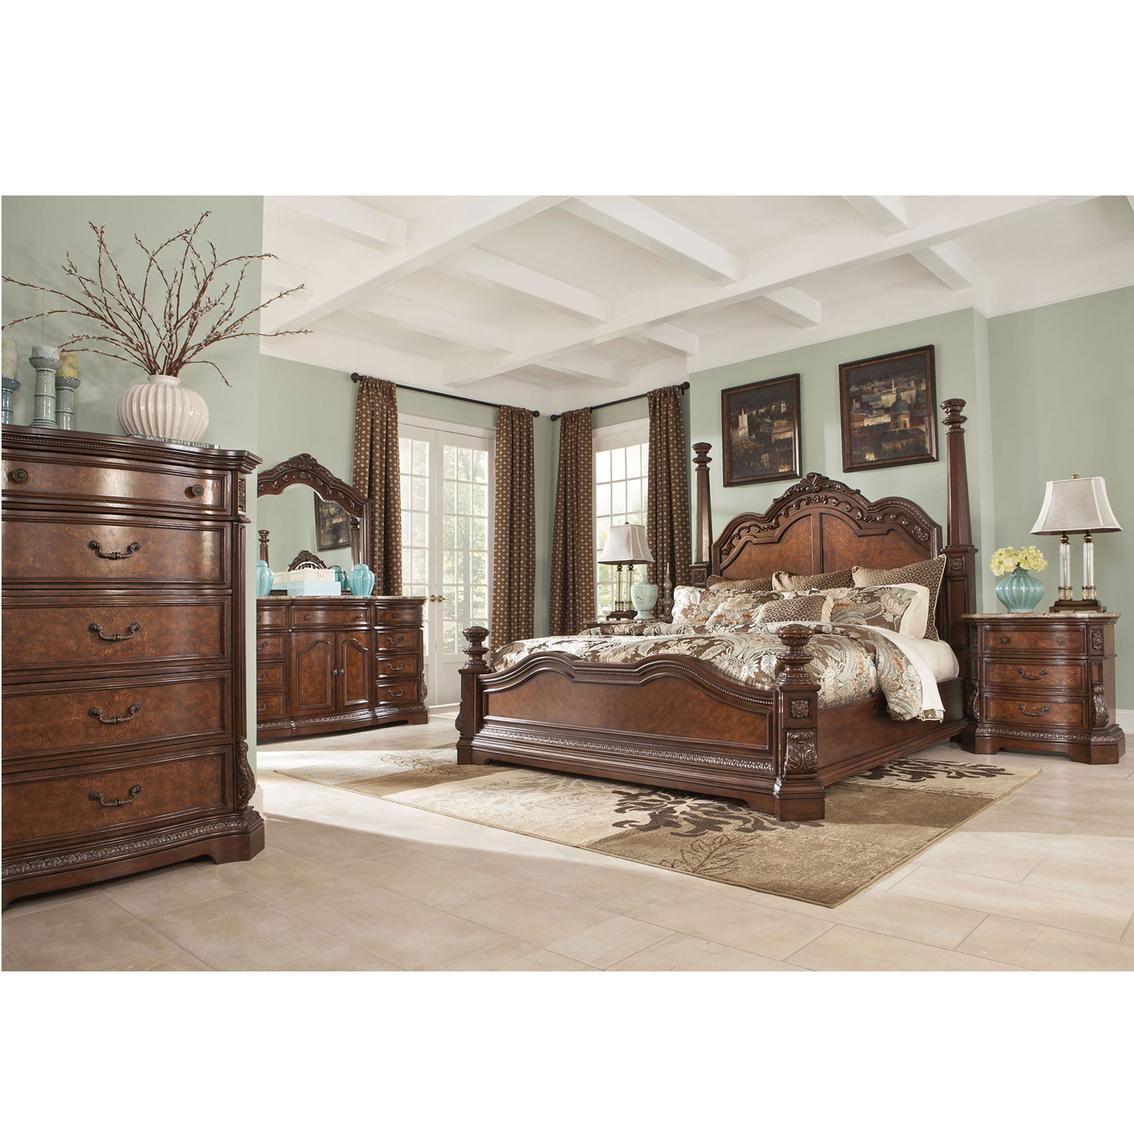 Signature Design By Ashley Ledelle 5 Pc Bedroom Set Bedroom Sets Furniture Appliances Shop The Exchange